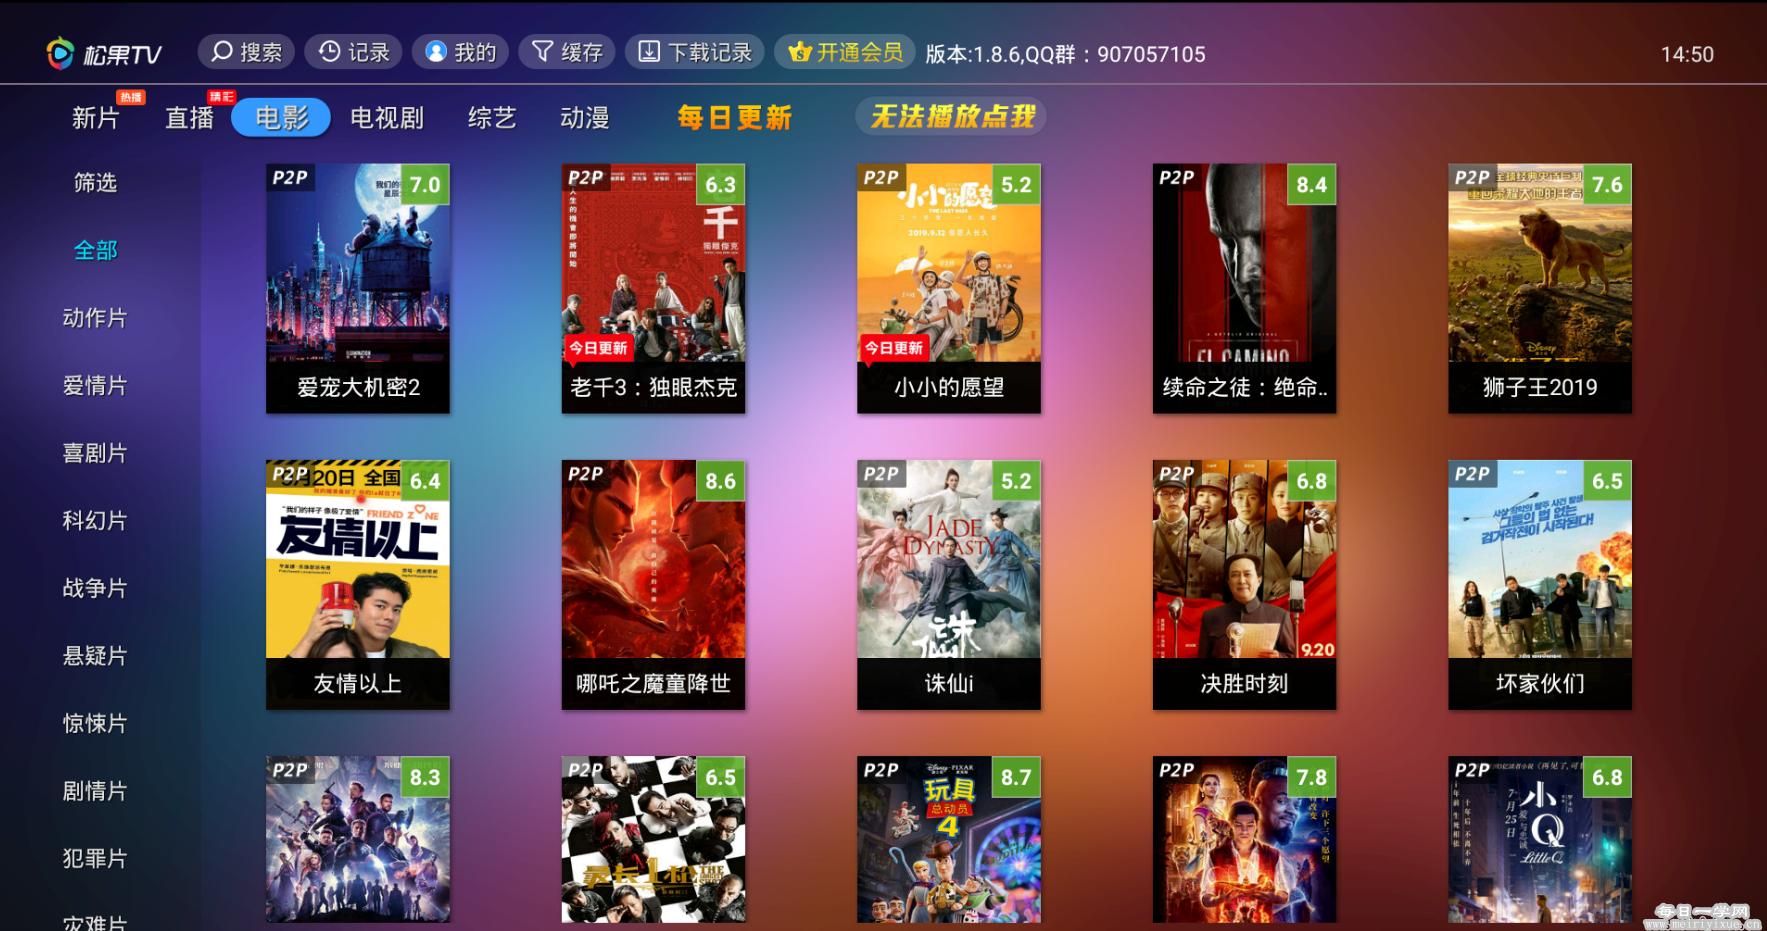 【盒子应用】松果TV 破解版v1.8.6去广告,去p2p限制 盒子应用 第2张